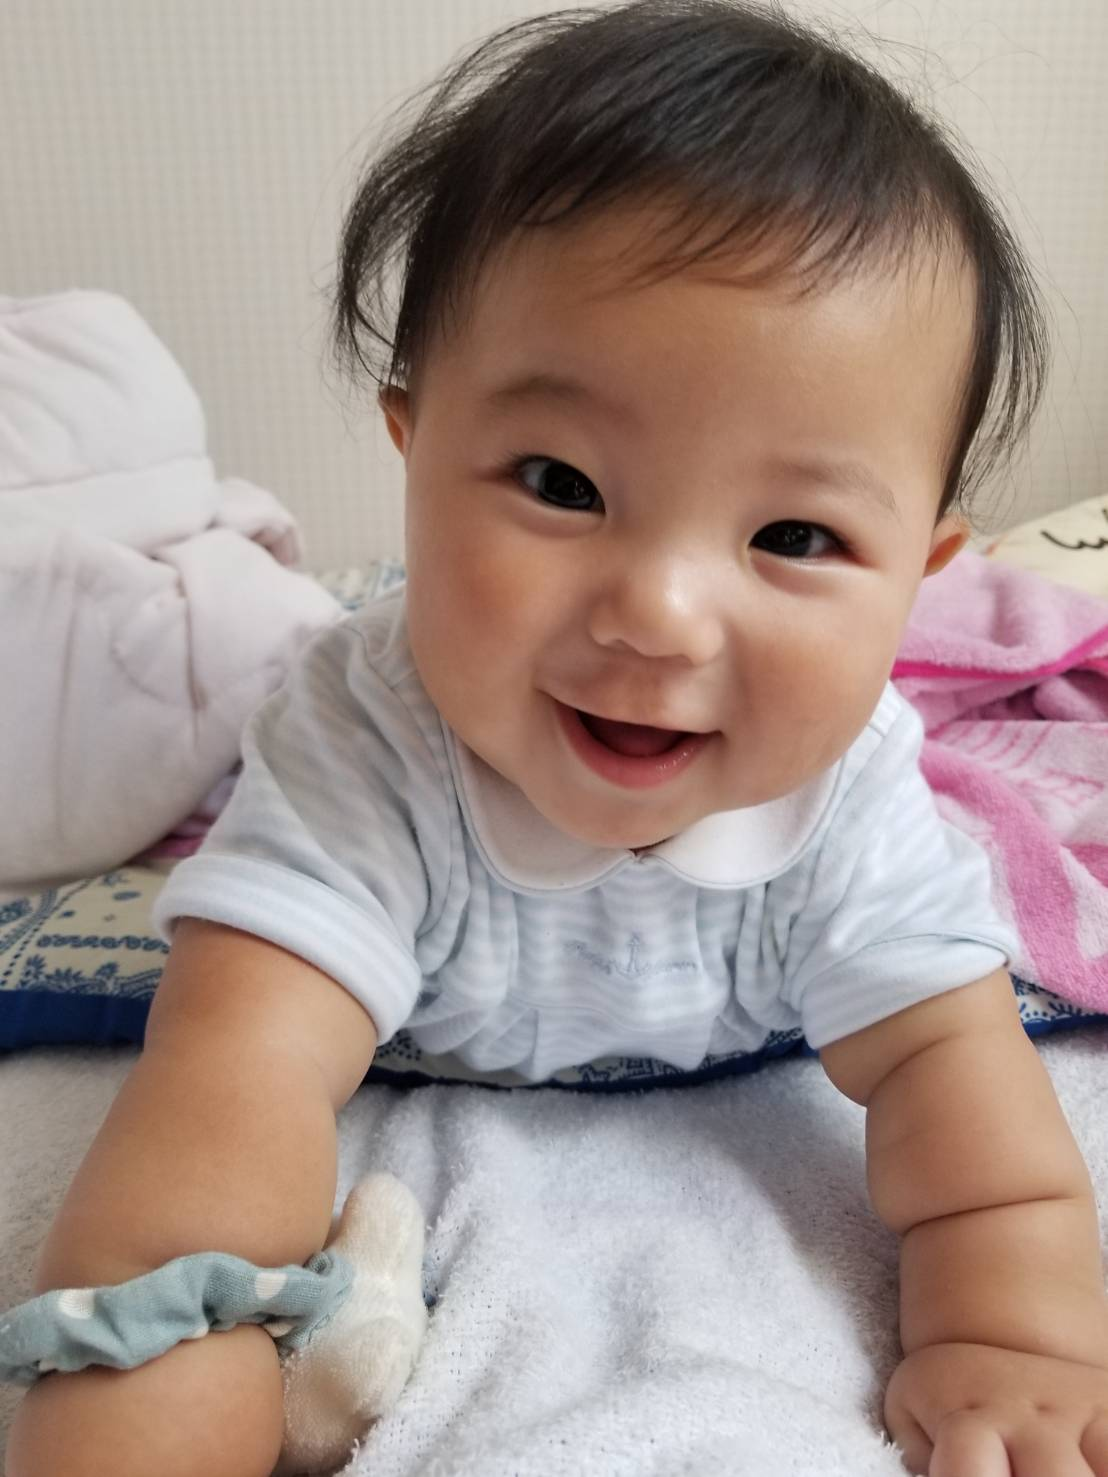 生後7カ月になった 園長第三子の橙和(とわ)です! チャームポイントはちぎりパンみたいな前腕です(笑)